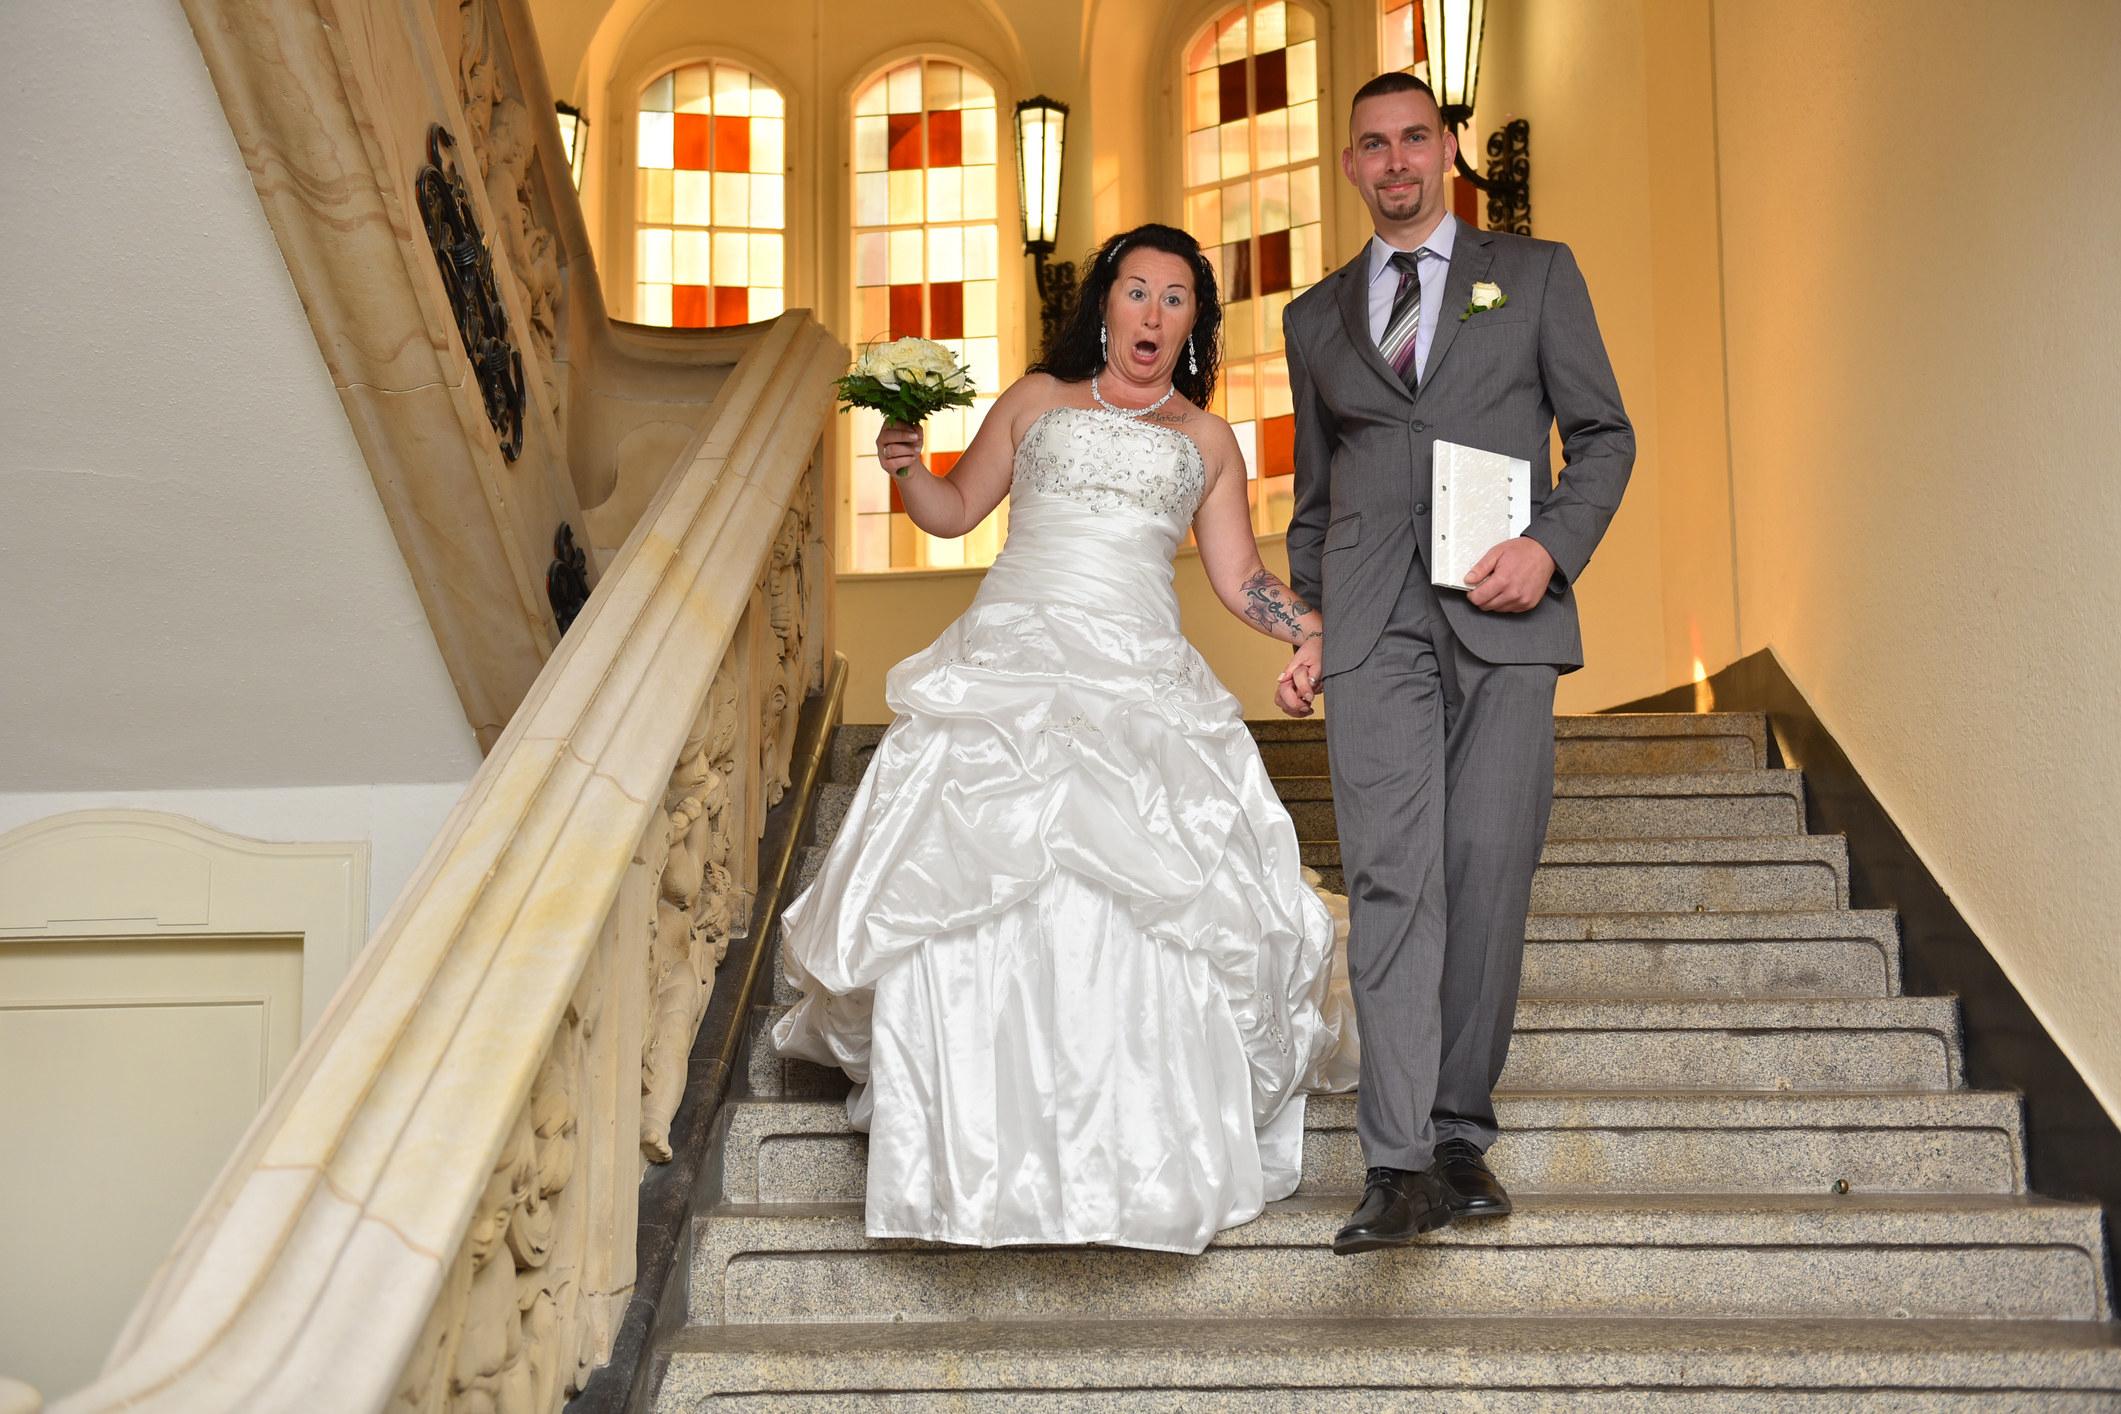 一个新娘要从一堆楼梯上摔下来